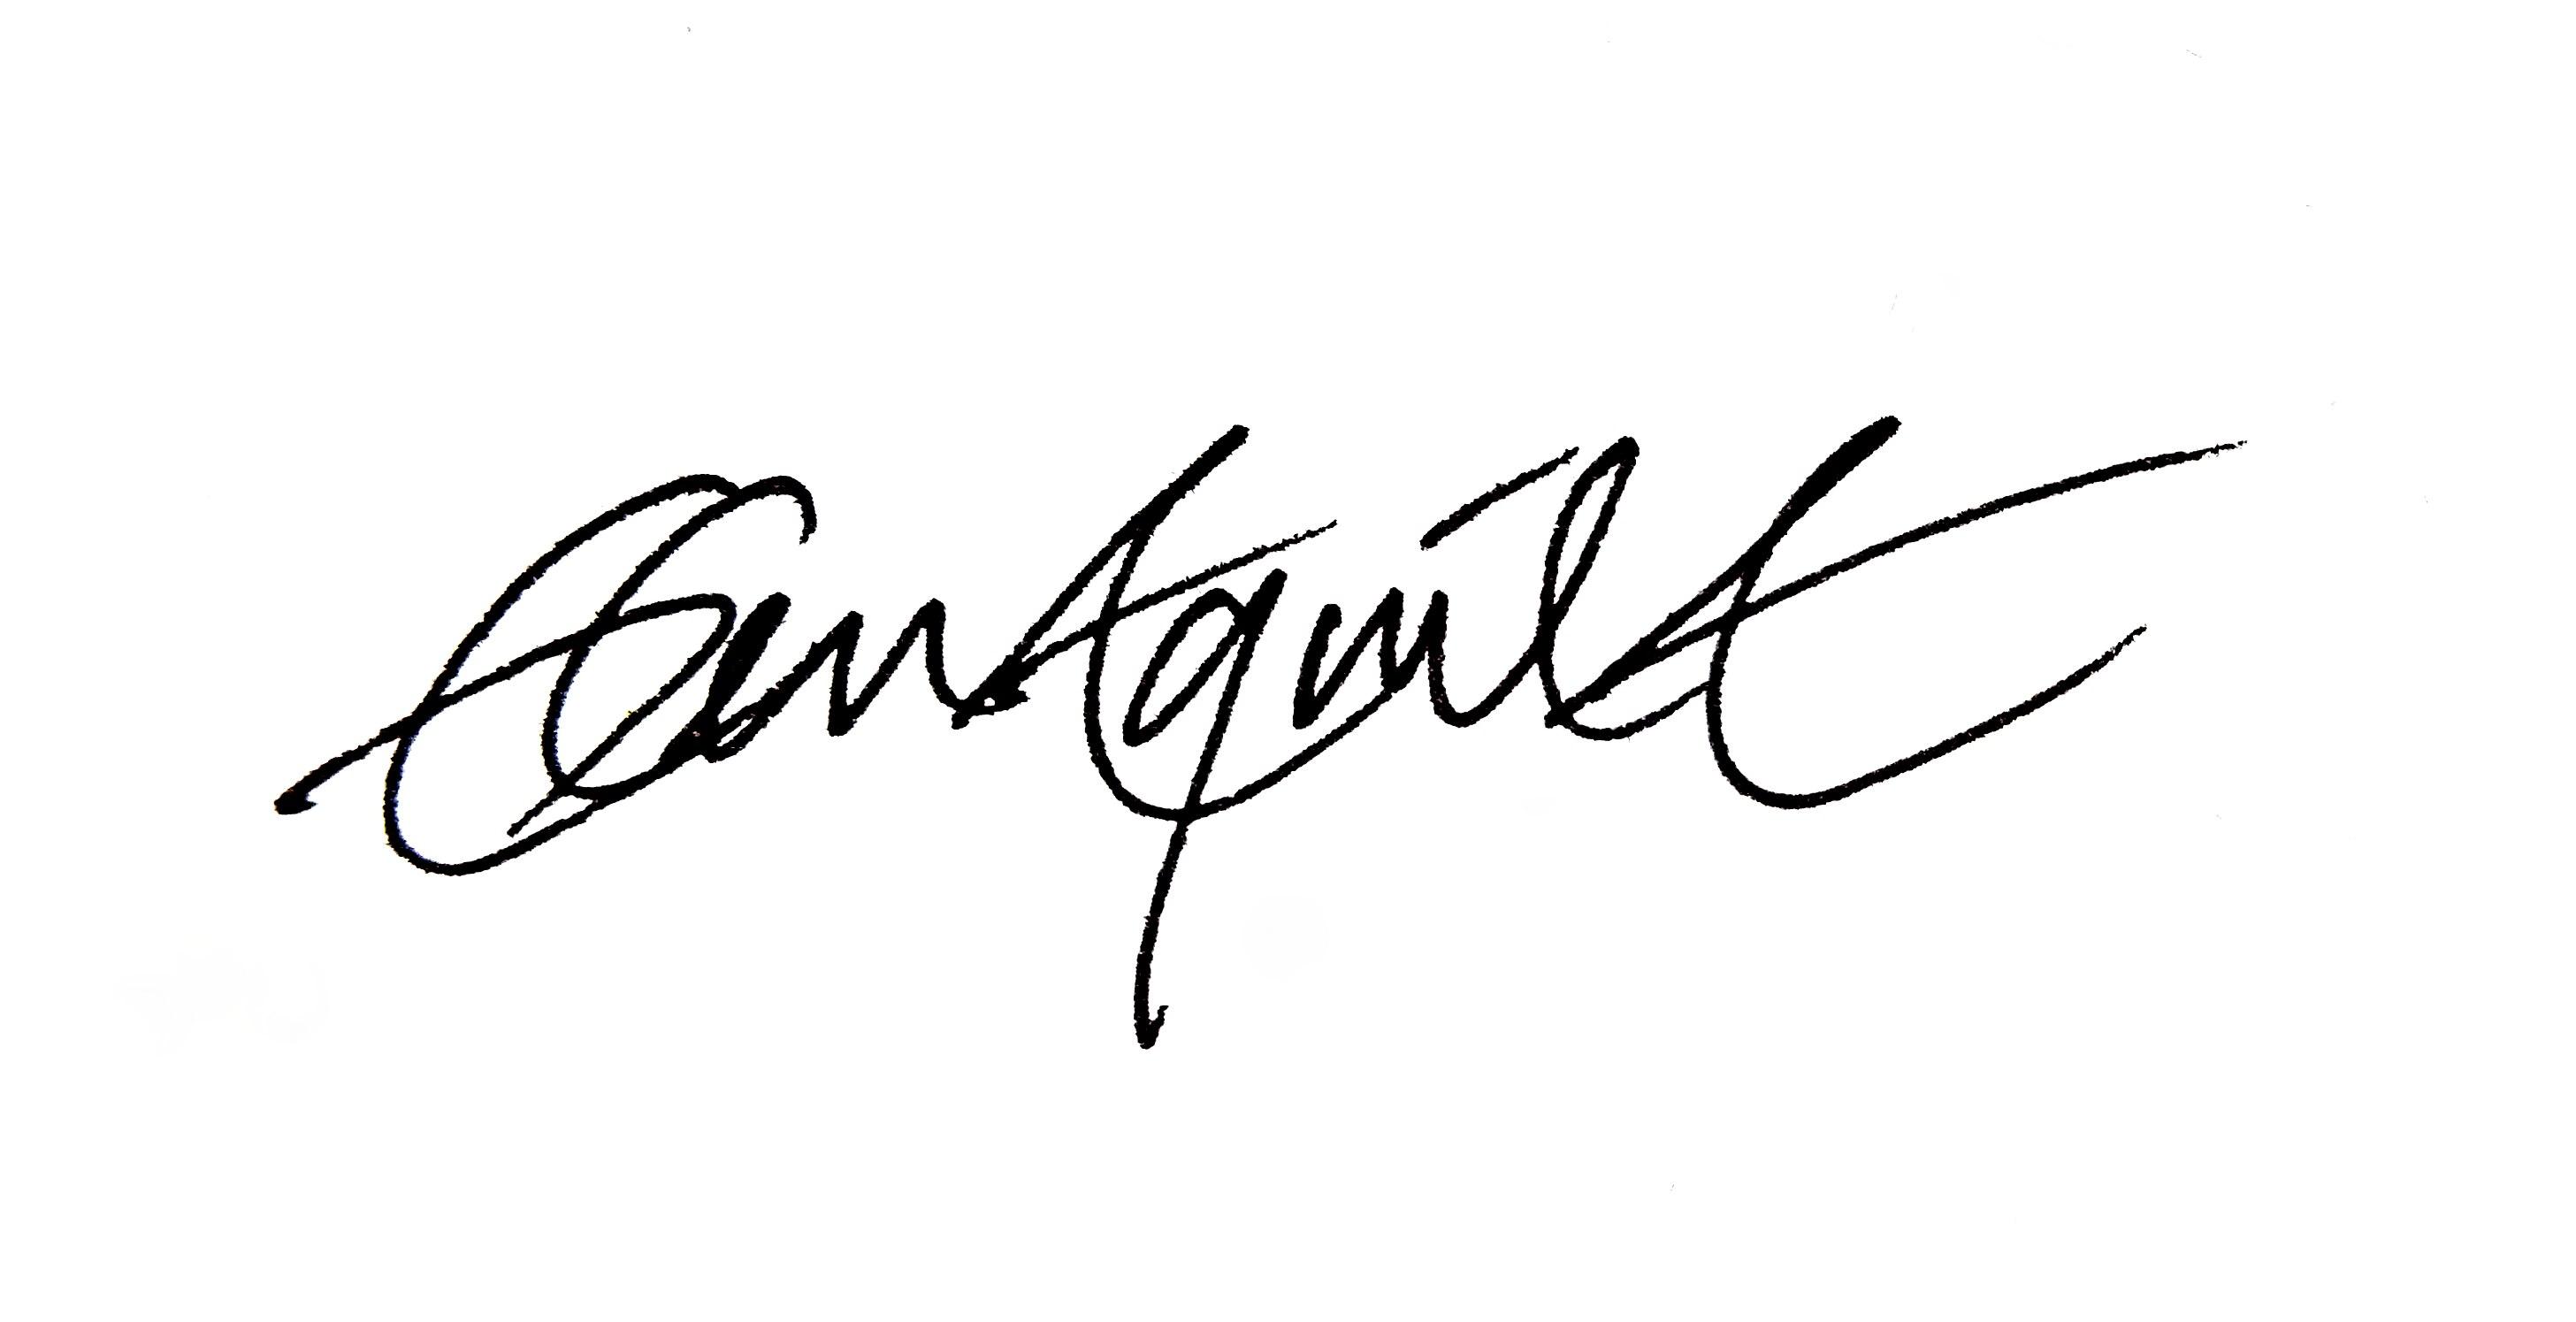 Eben aquila Signature